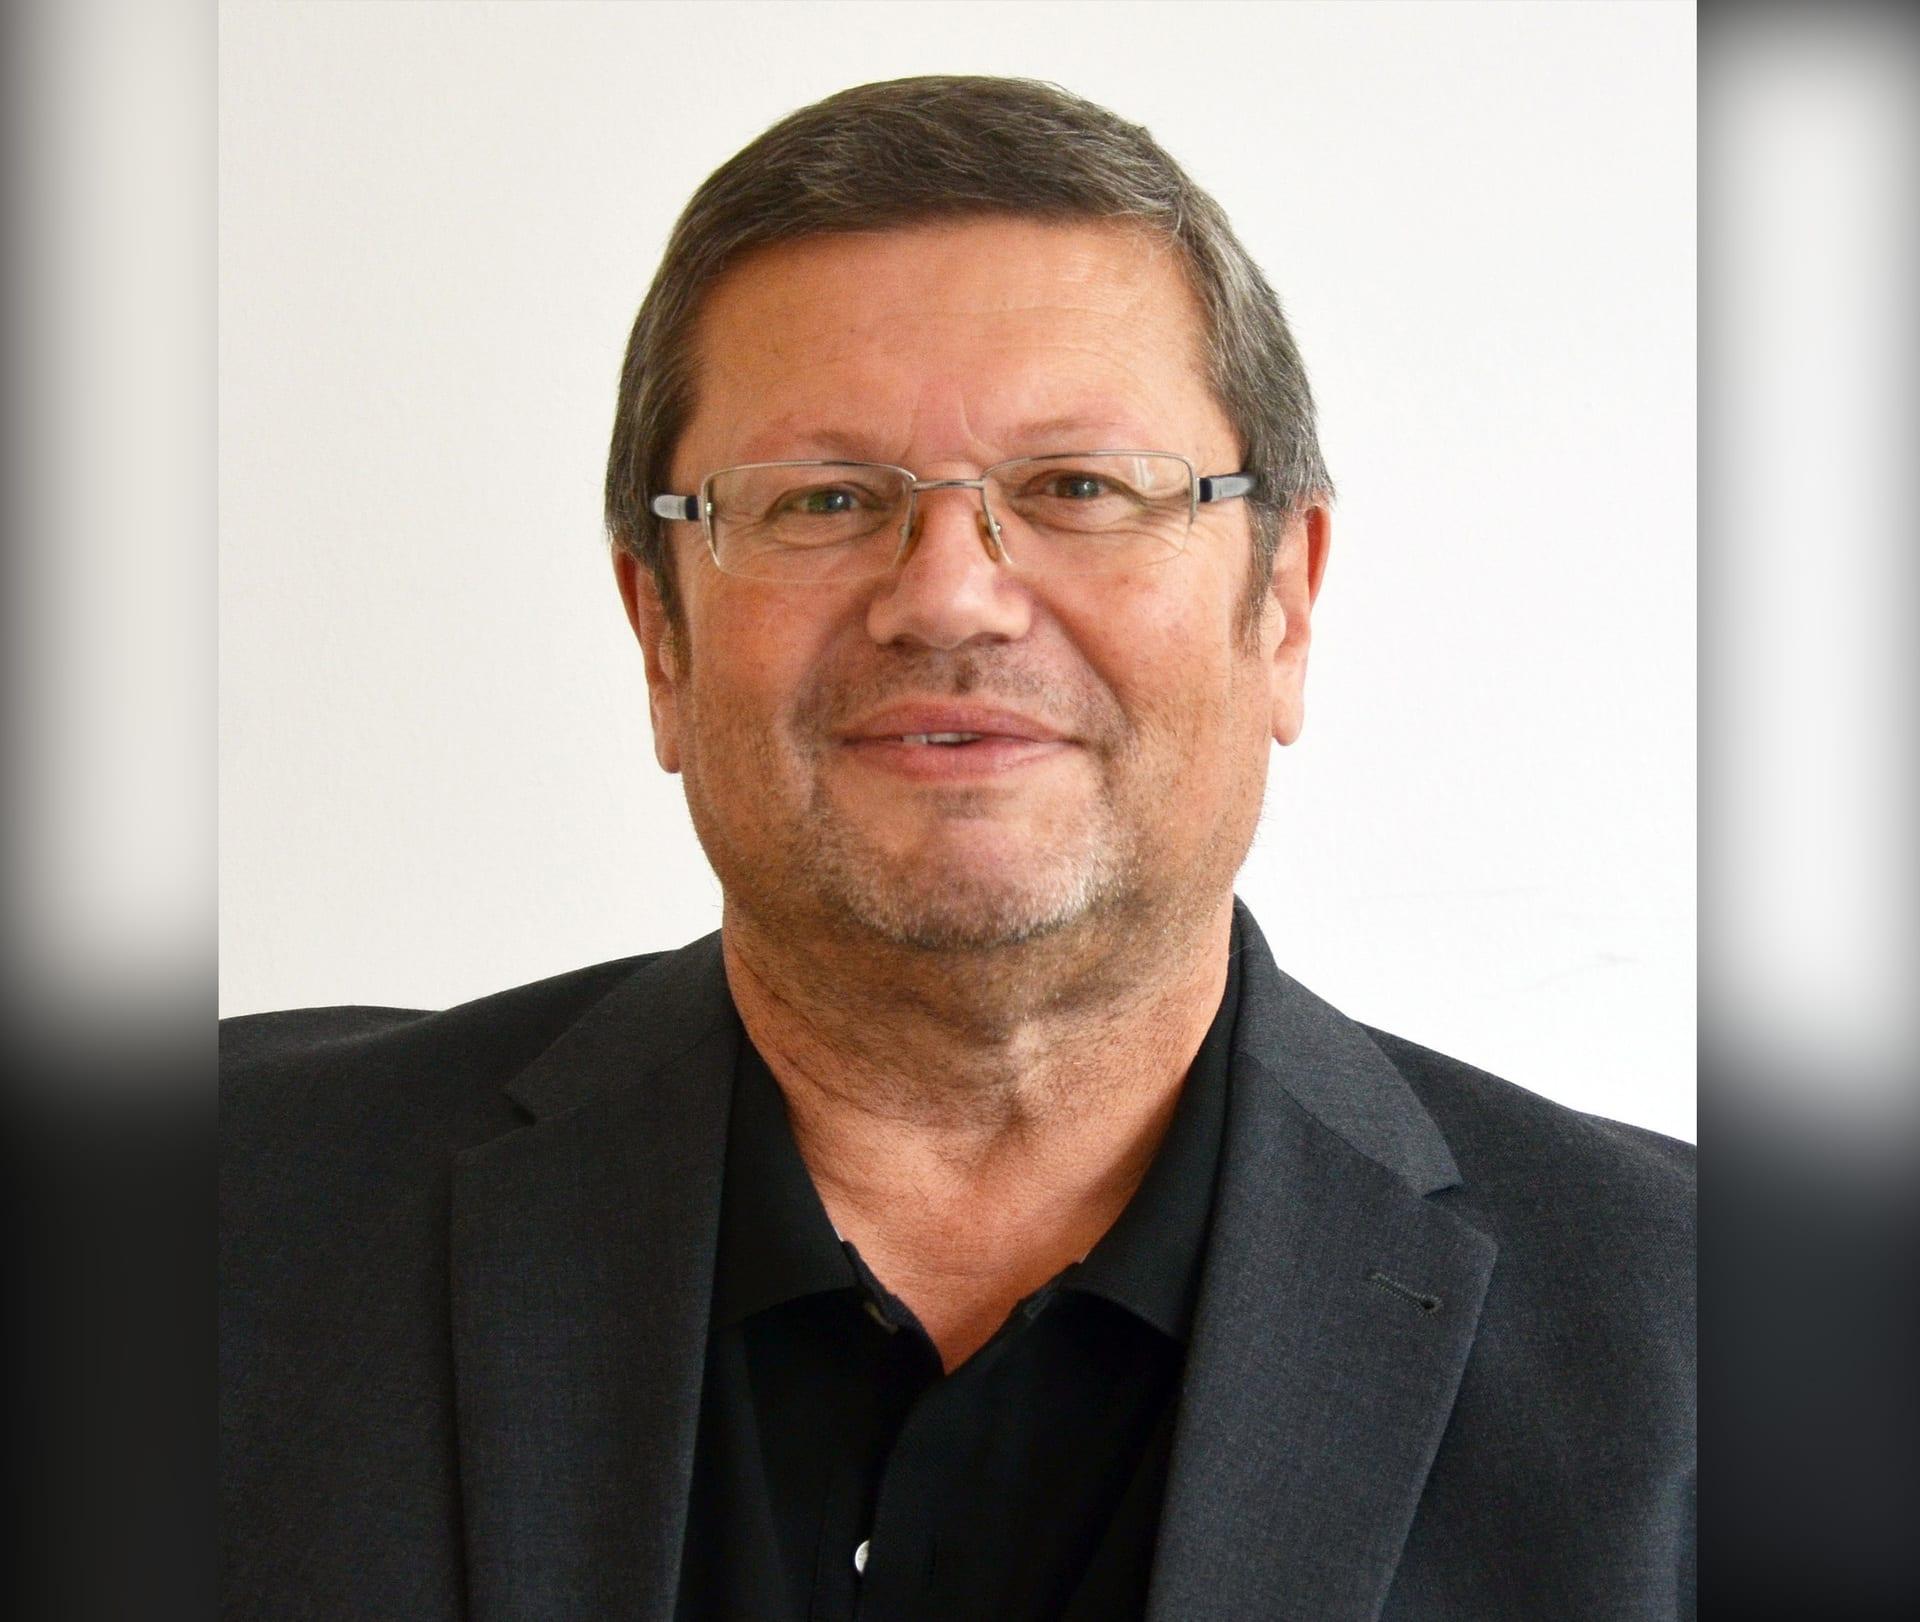 Landkreis trauert um seinen Jugendamtsleiter Werner Kuhn Regensburg